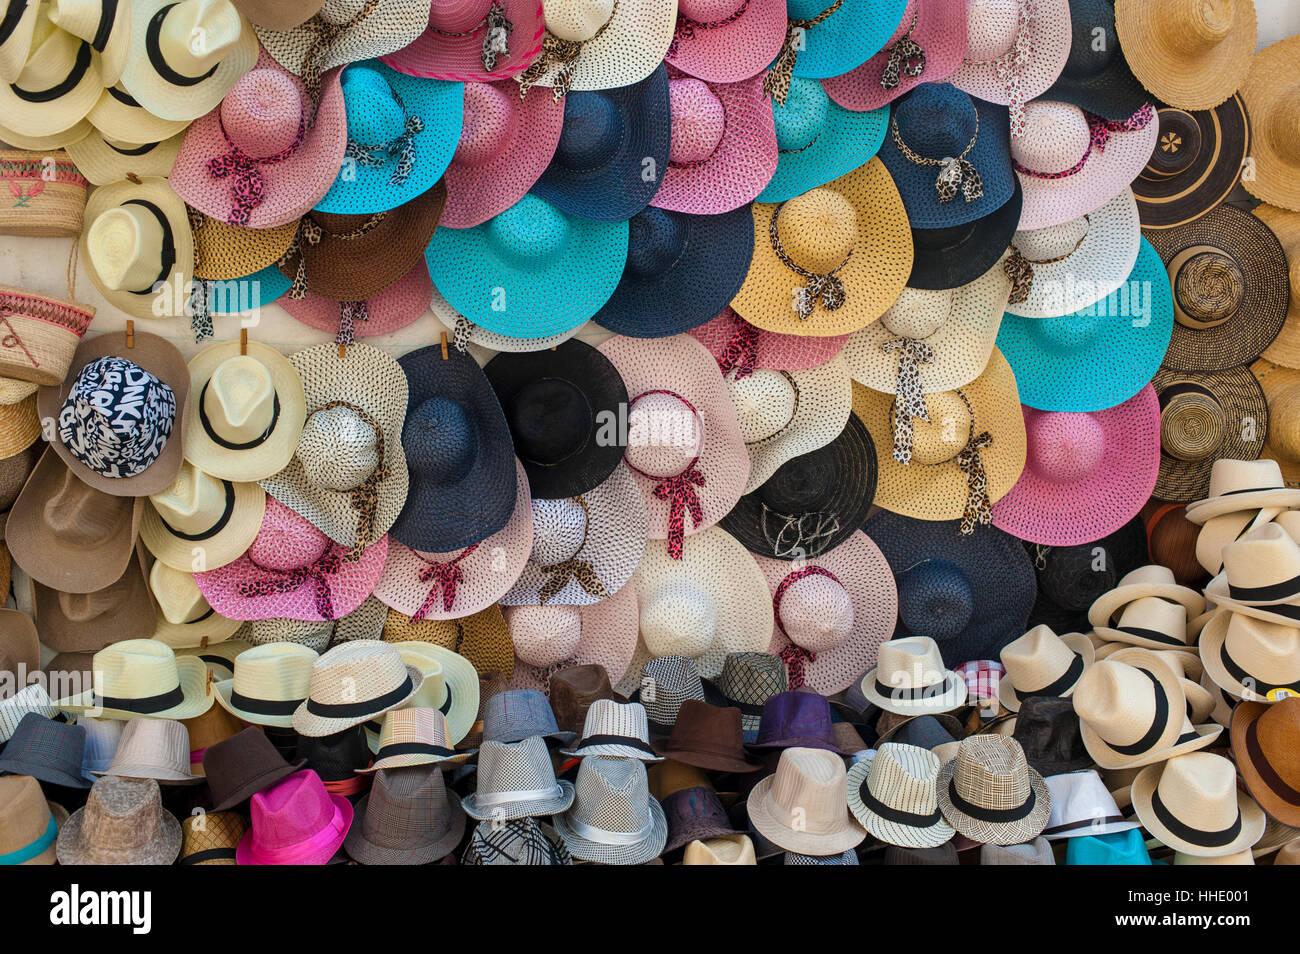 Sombreros Sombreros de Panamá y tradicionales para la venta en un mercado  callejero en la ciudad 6f9ee66343d